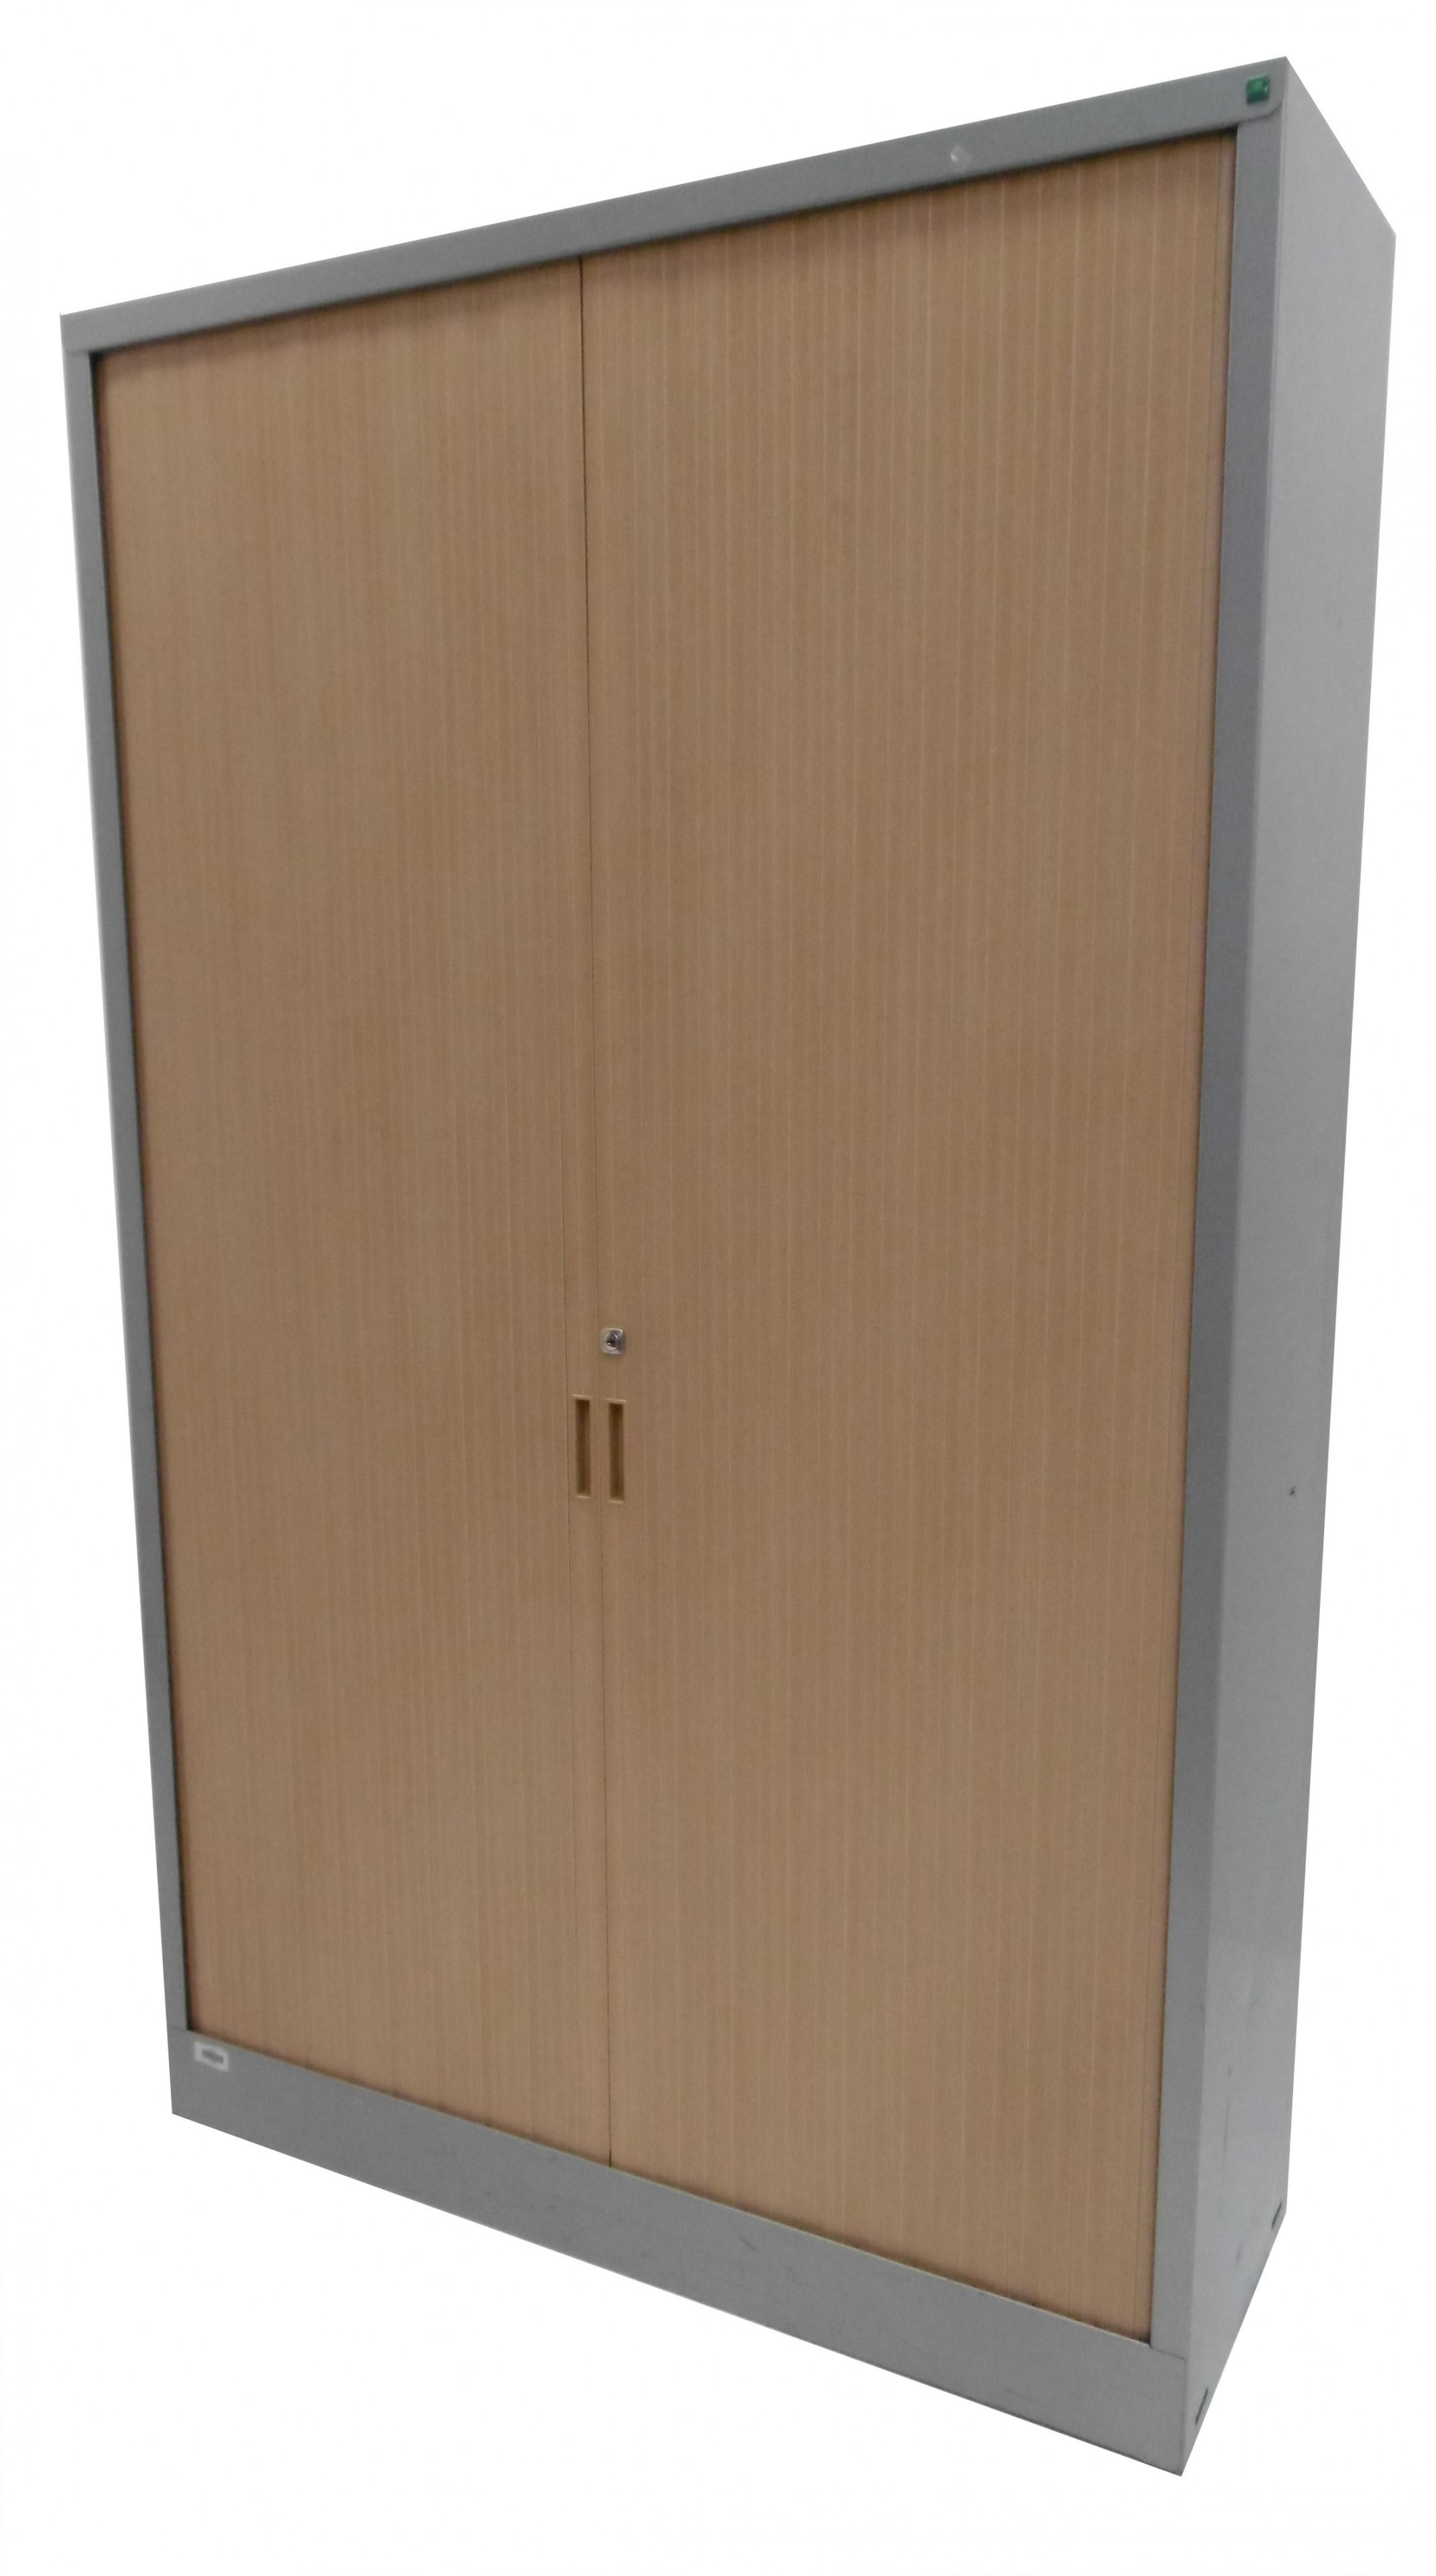 armoire monobloc meuble rideaux mobilier de bureau. Black Bedroom Furniture Sets. Home Design Ideas